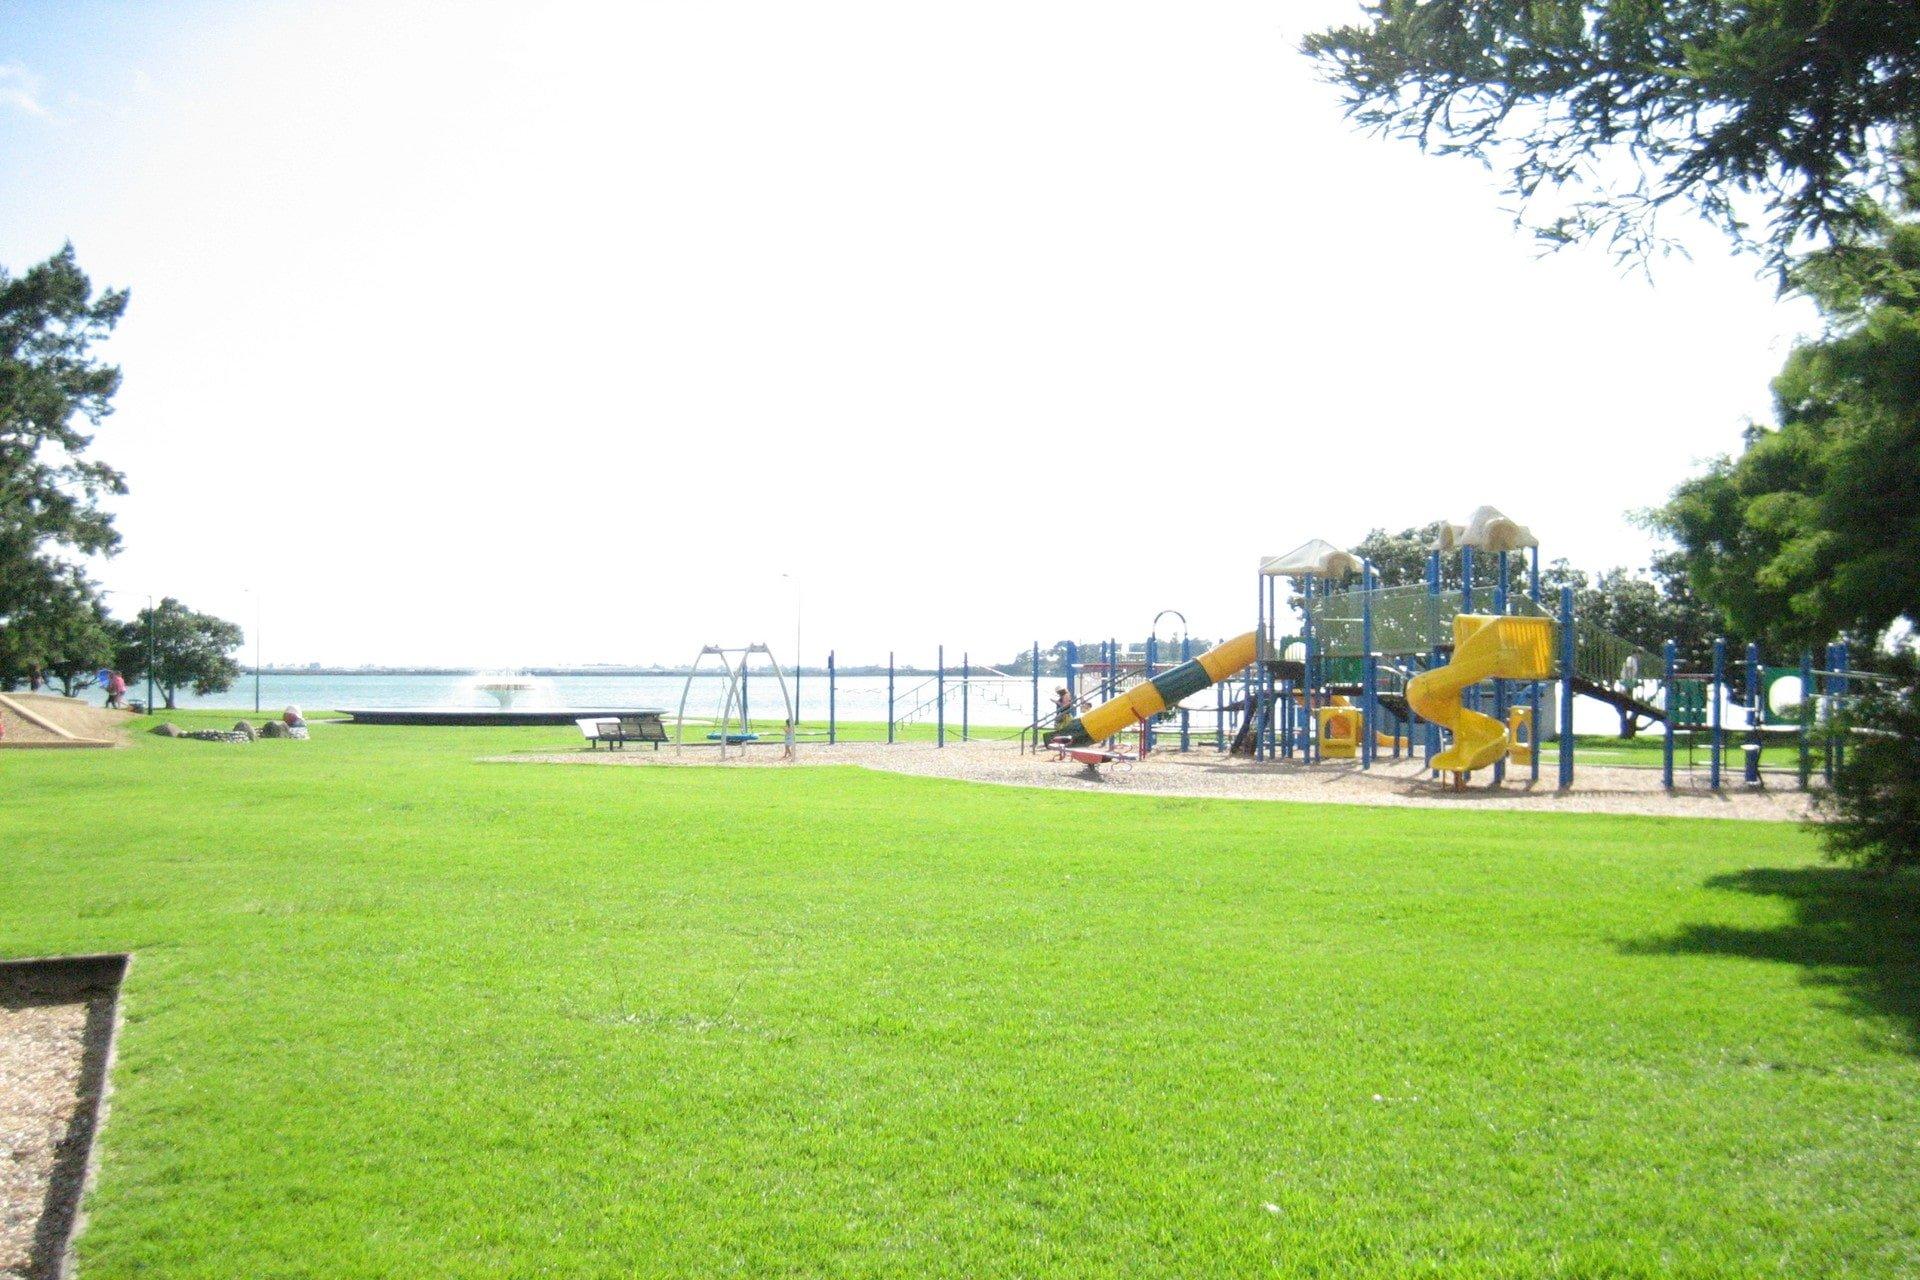 playground-memorial-park